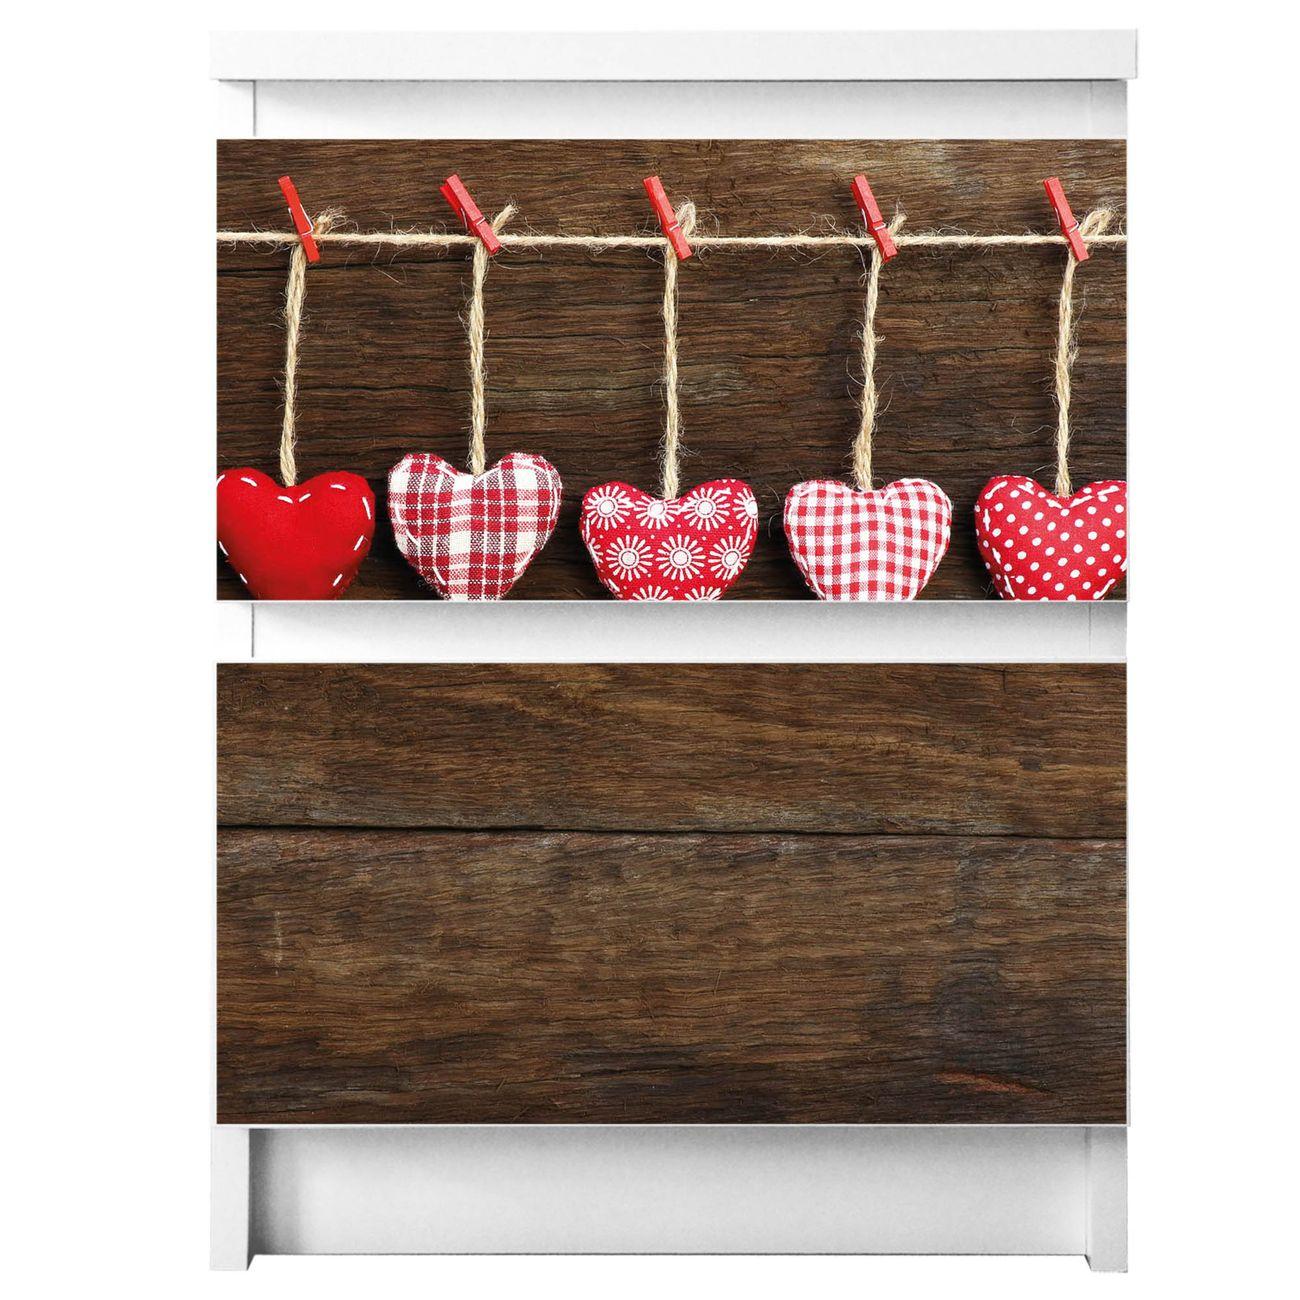 Möbelsticker für Ikea MALM Motiv Kleine Herzen